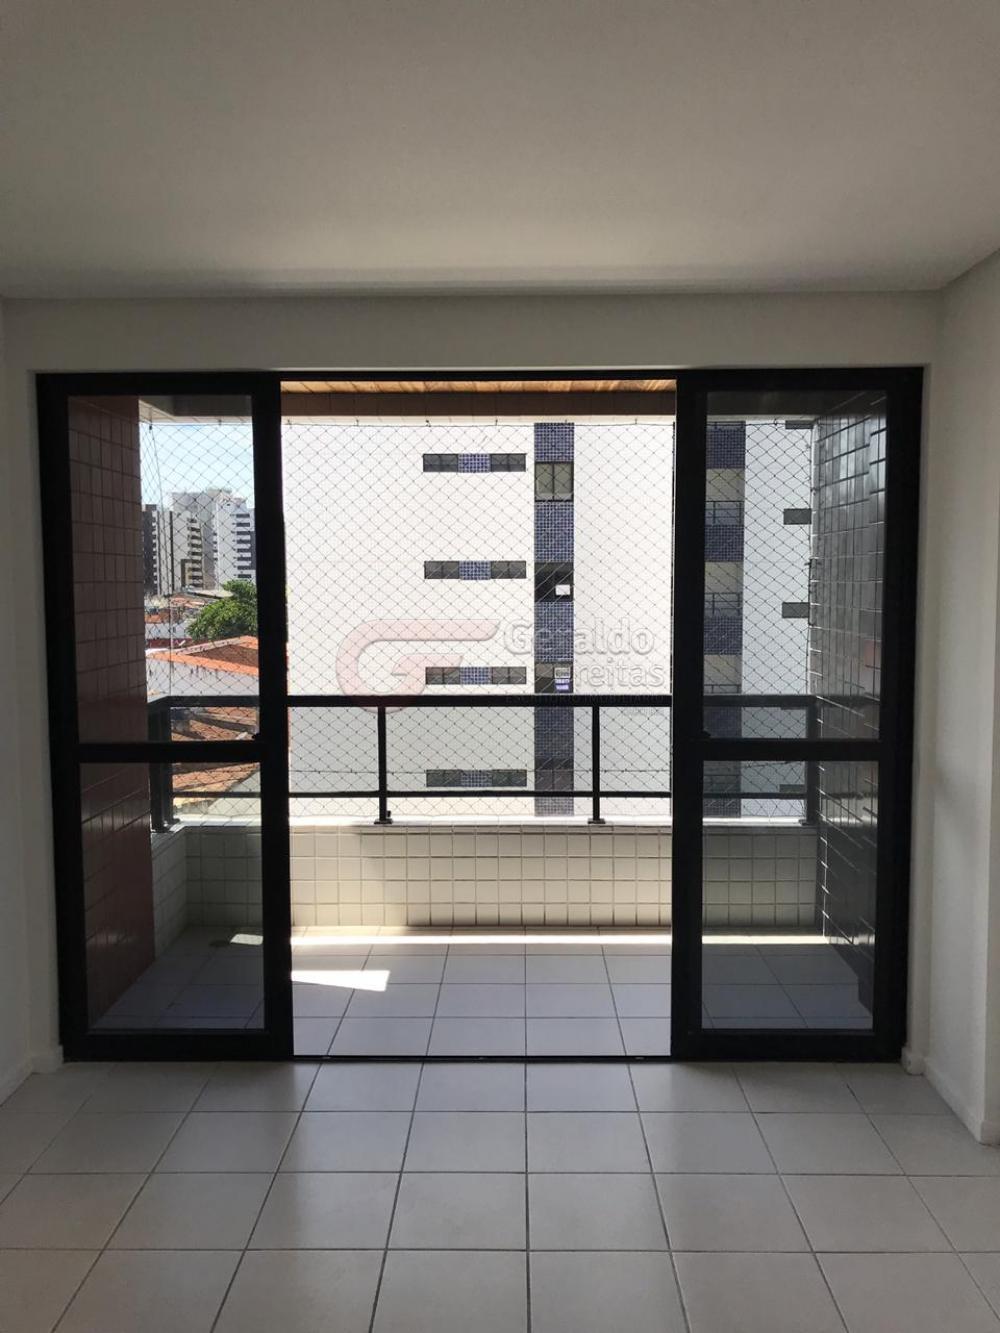 Comprar Apartamentos / Padrão em Maceió apenas R$ 440.000,00 - Foto 4